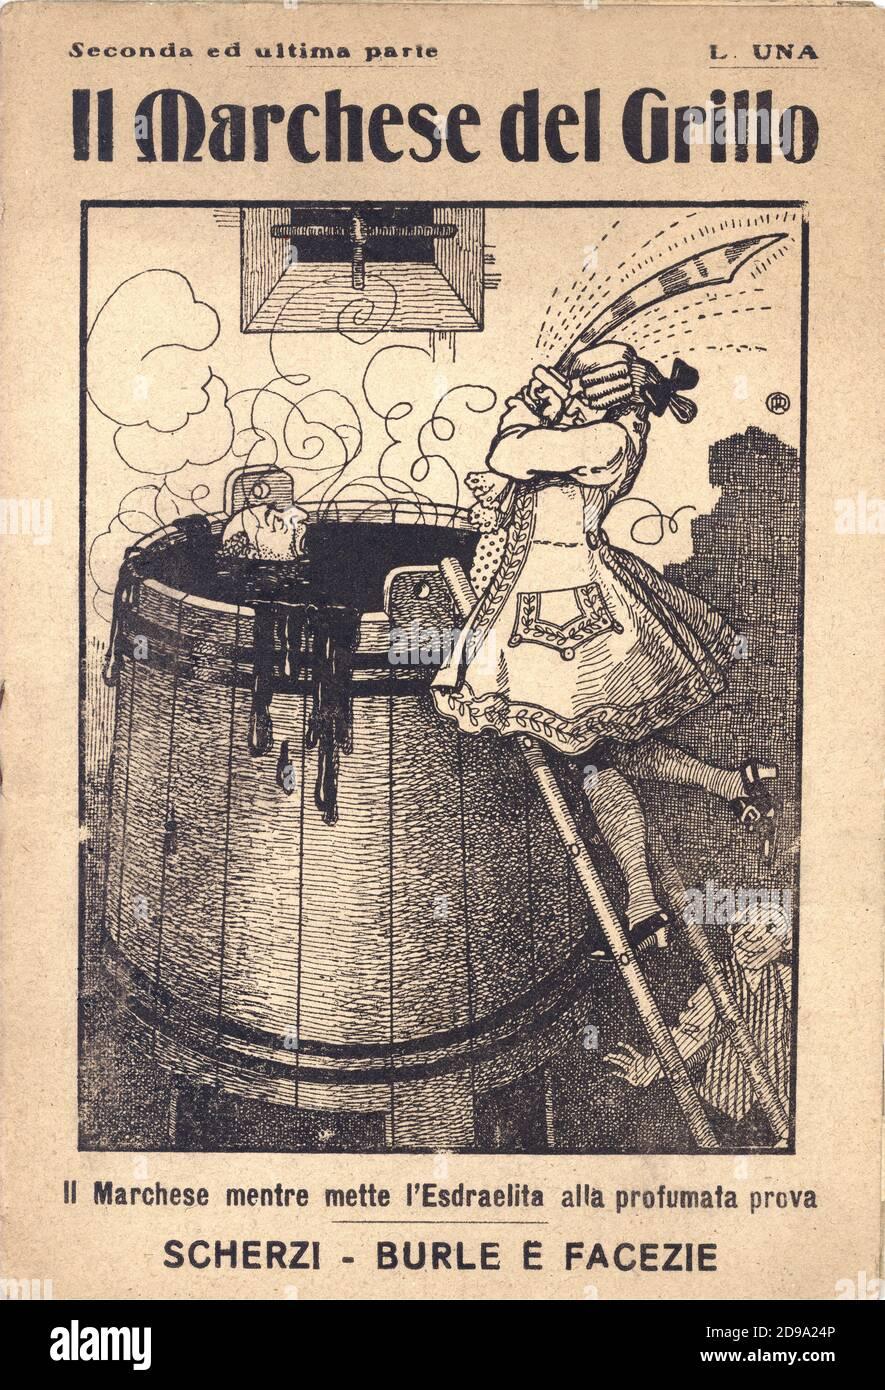 1920 ca , Roma, ITALY  : The cover of popular edition book IL MARCHESE DEL GRILLO : SCHERZI BURLE E FACEZIE , A. Mondini Editore , Roma . The story was a fantasy based on the real nobleman Marchese Onofrio del Grillo ( Fabriano, 5 may 1714 –  6 january 1787) - copertina - cover - libro comico - comicita' popolare - illustrazione - illustration - EBREO - JEWISH - ISRAELITA - RAZZISMO - RACISM - LETTERATURA - LITERATURE - portrait - ritratto - letterato - ITALY  © Archivio GBB / Stock Photo